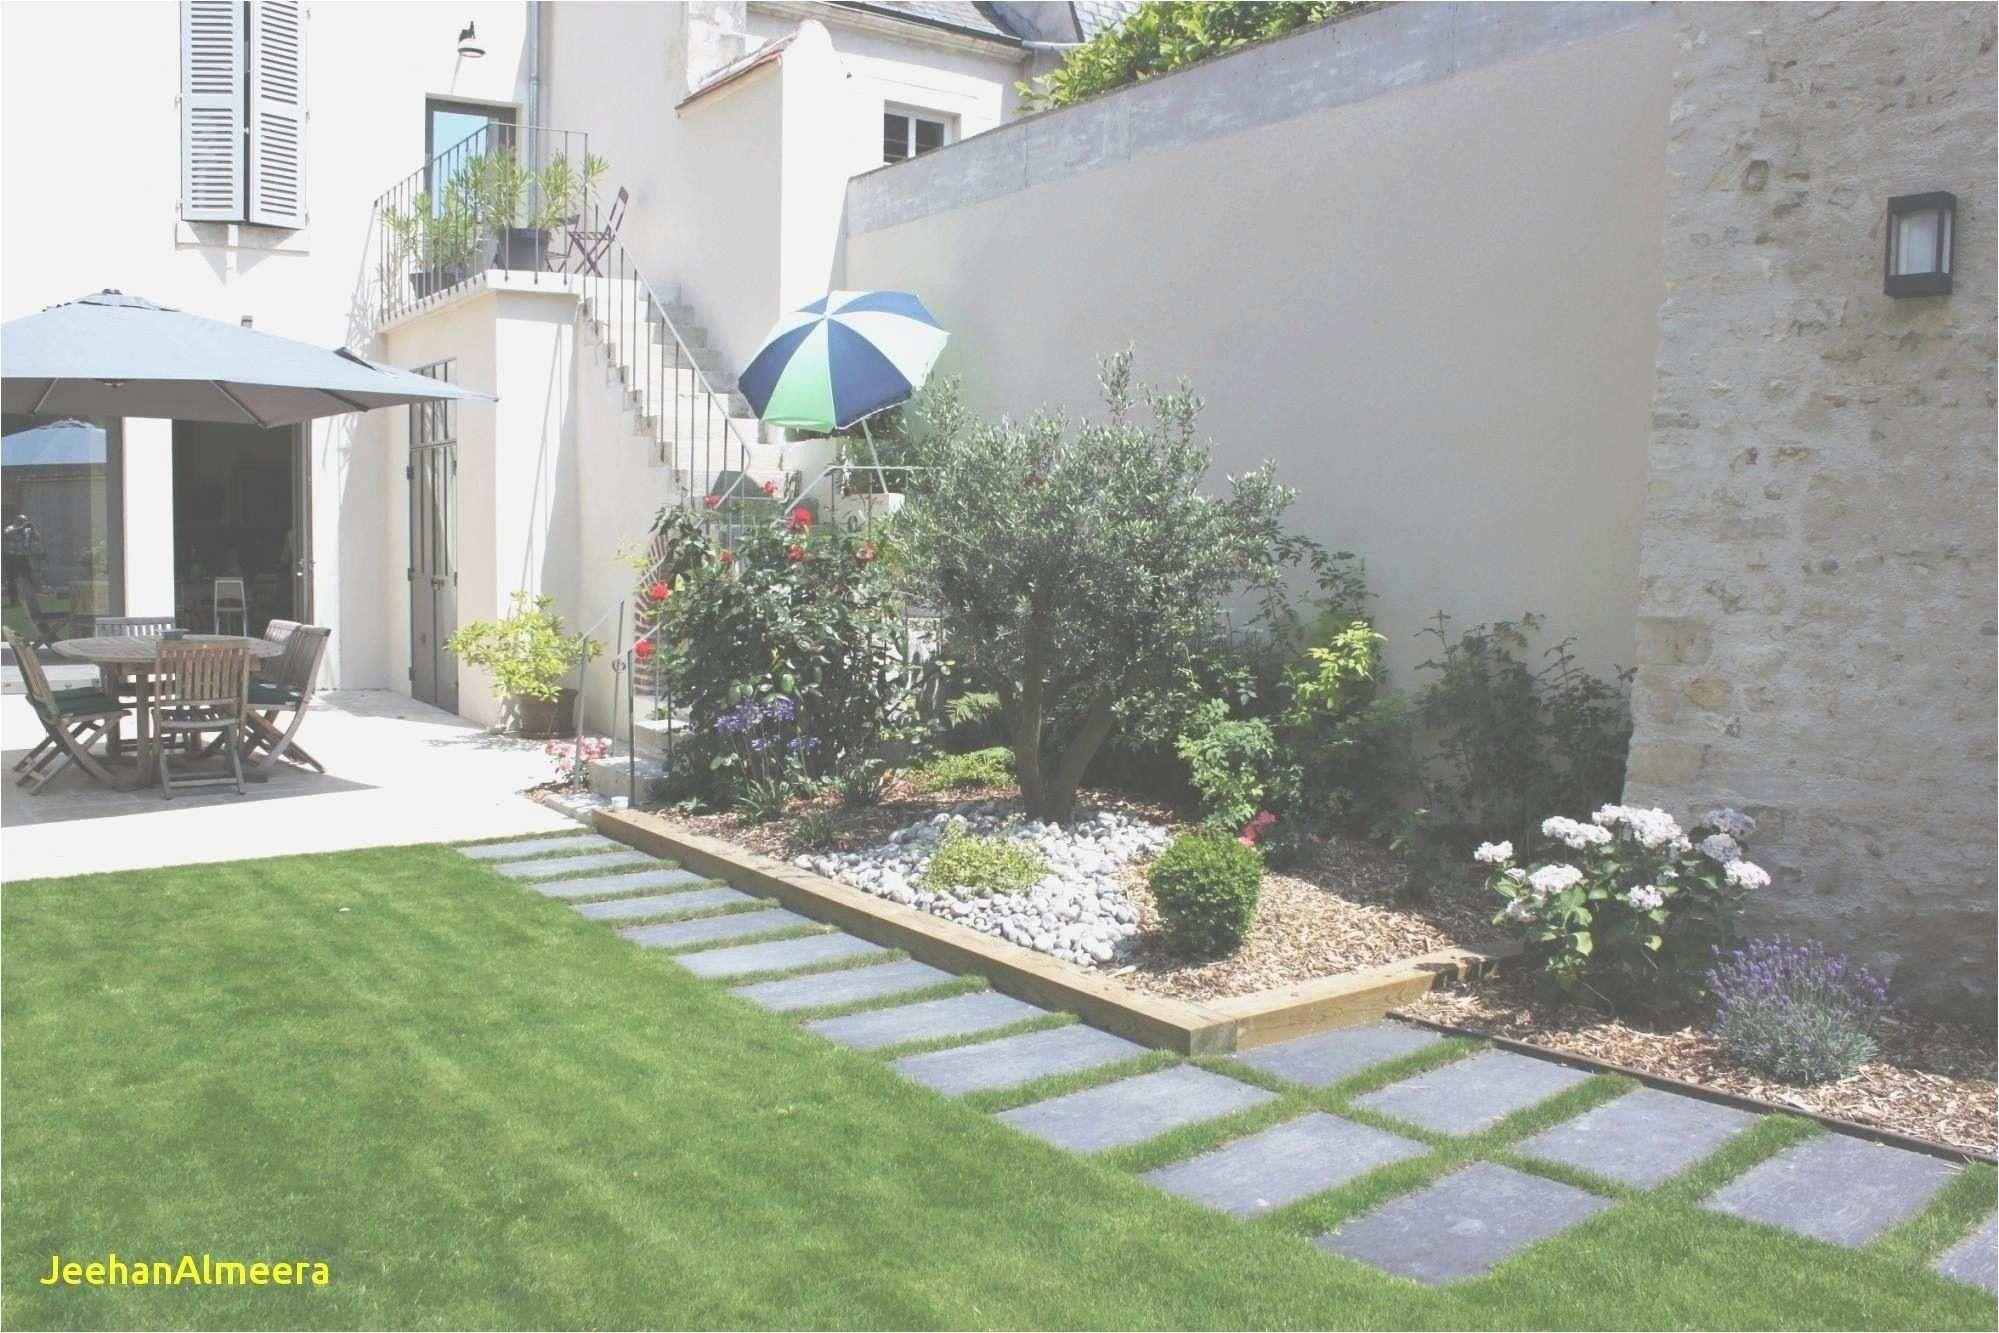 Elegant Logiciel Amenagement Exterieur | Garden Decor, Home ... serapportantà Logiciel Maison Jardin Et Terrasse 3D Gratuit